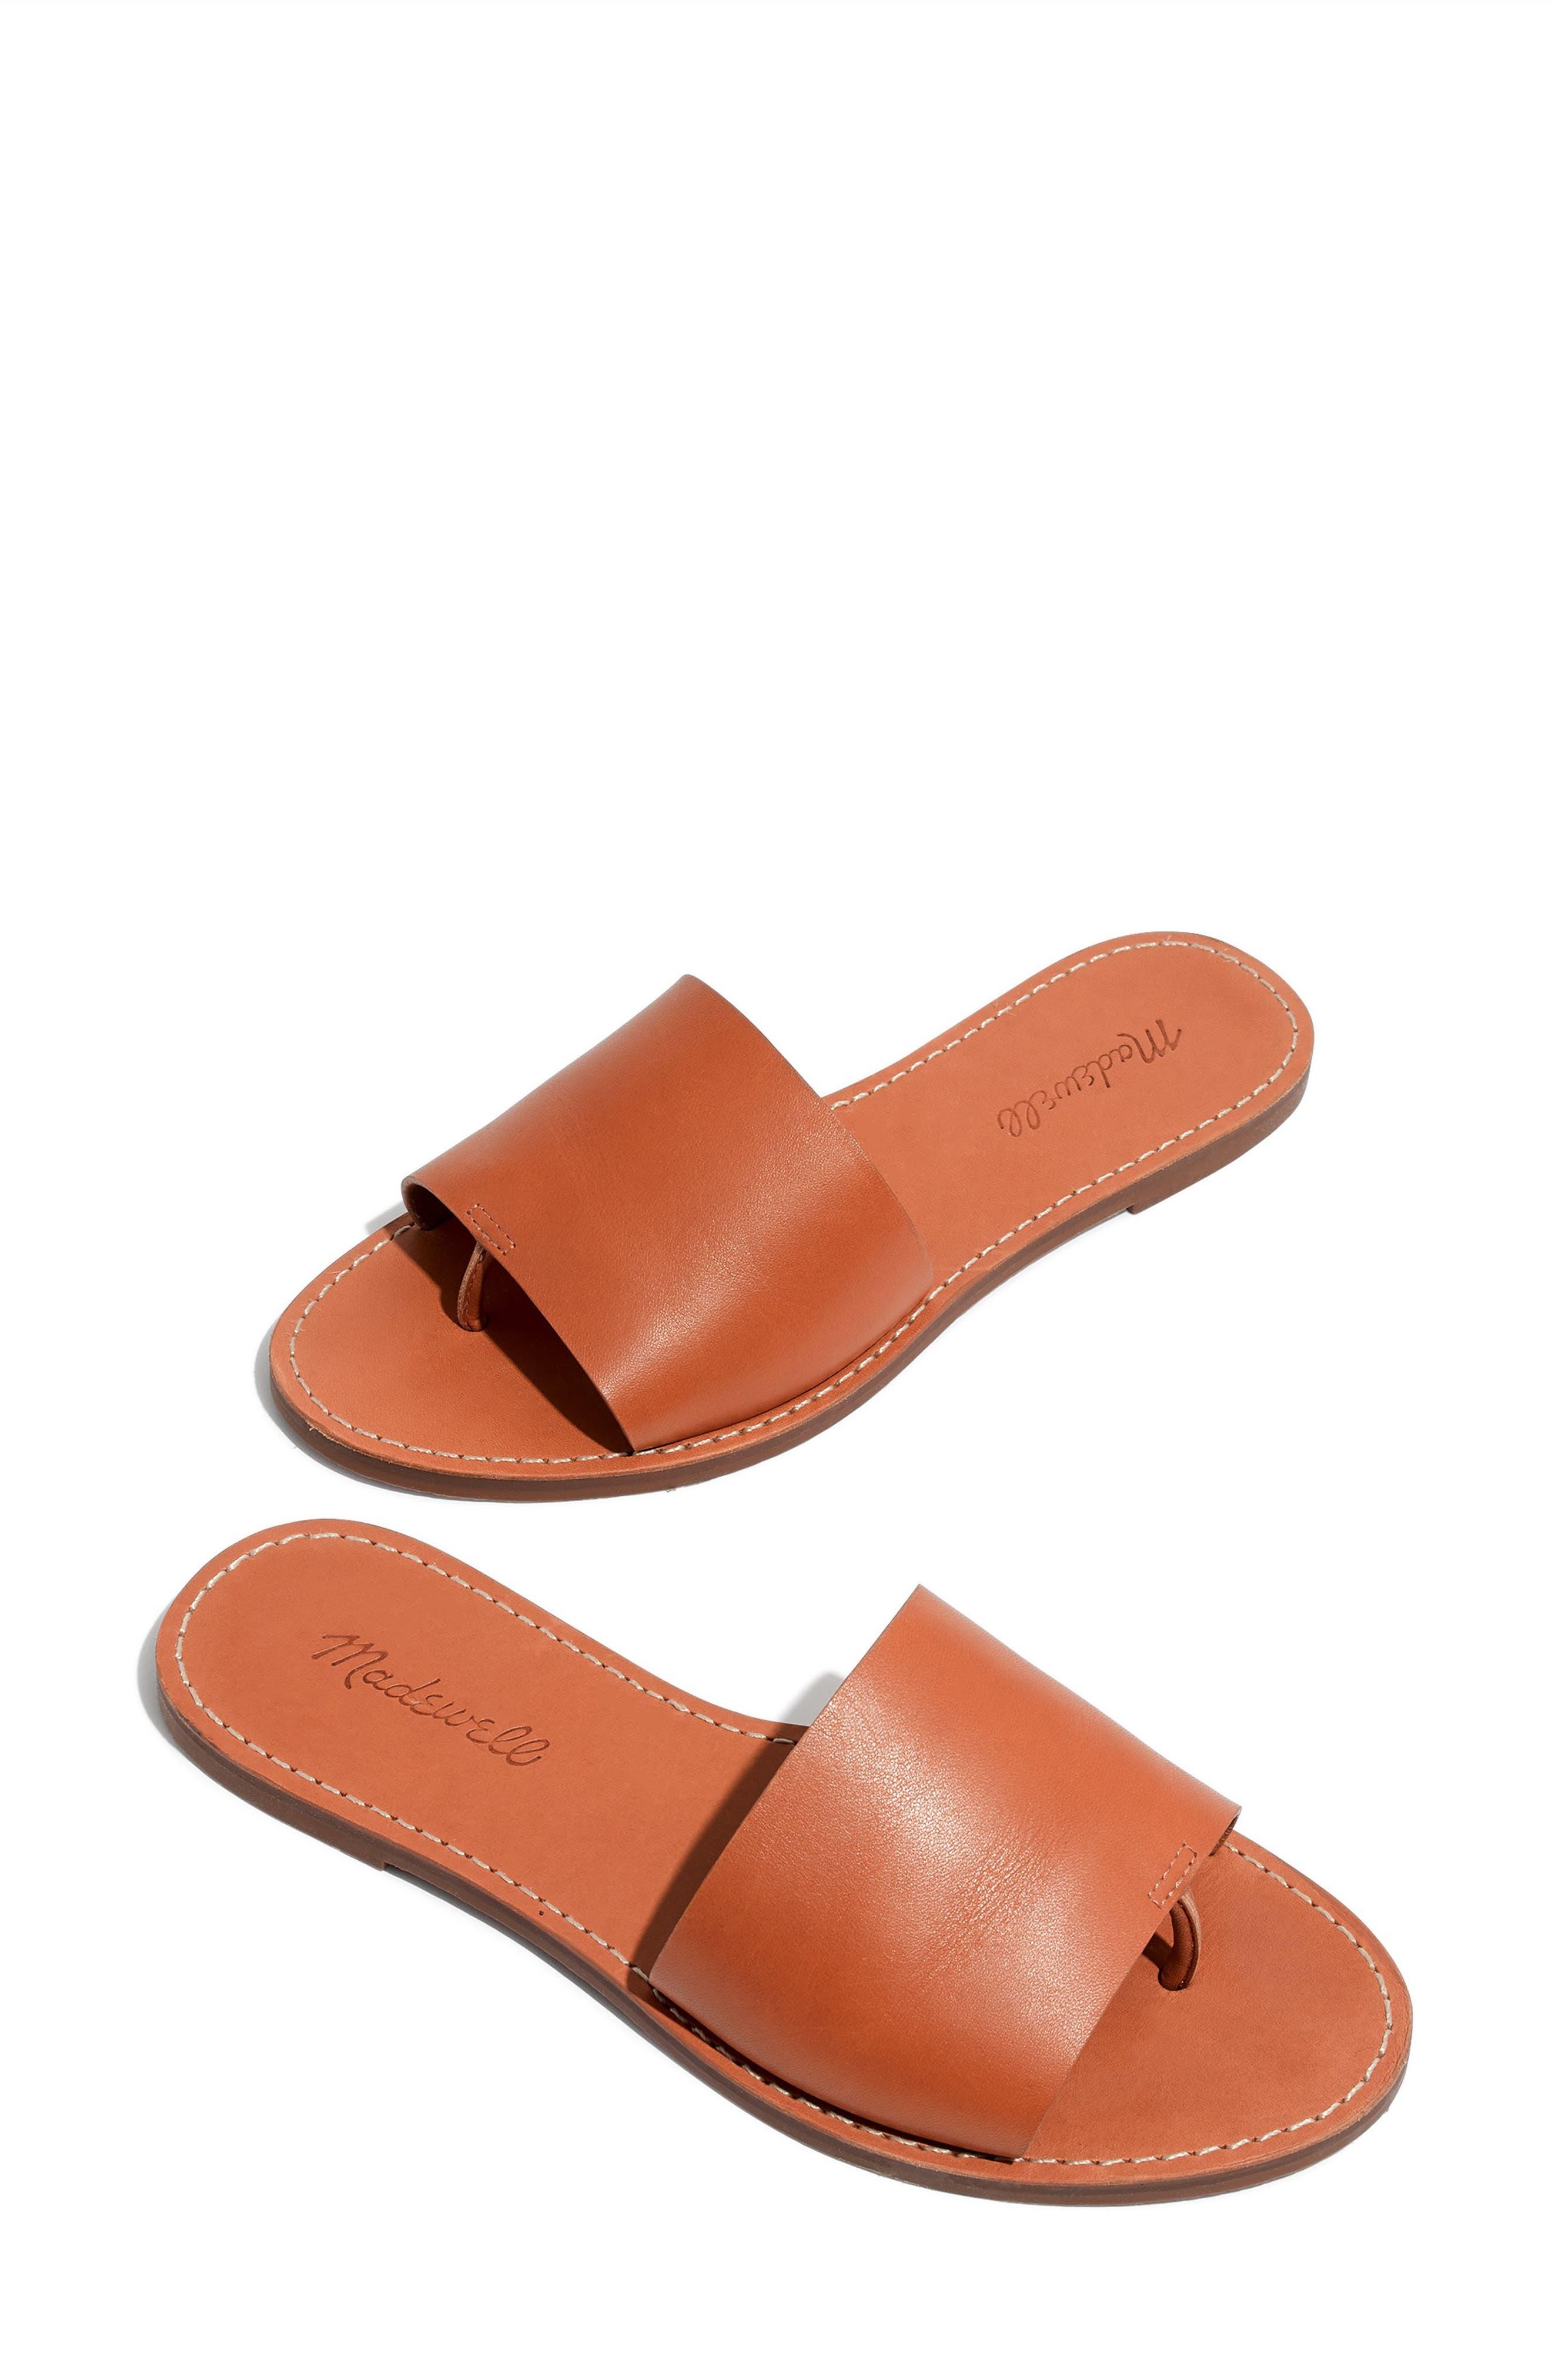 Boardwalk Post Slide Sandal,                             Main thumbnail 1, color,                             DESERT CAMEL LEATHER